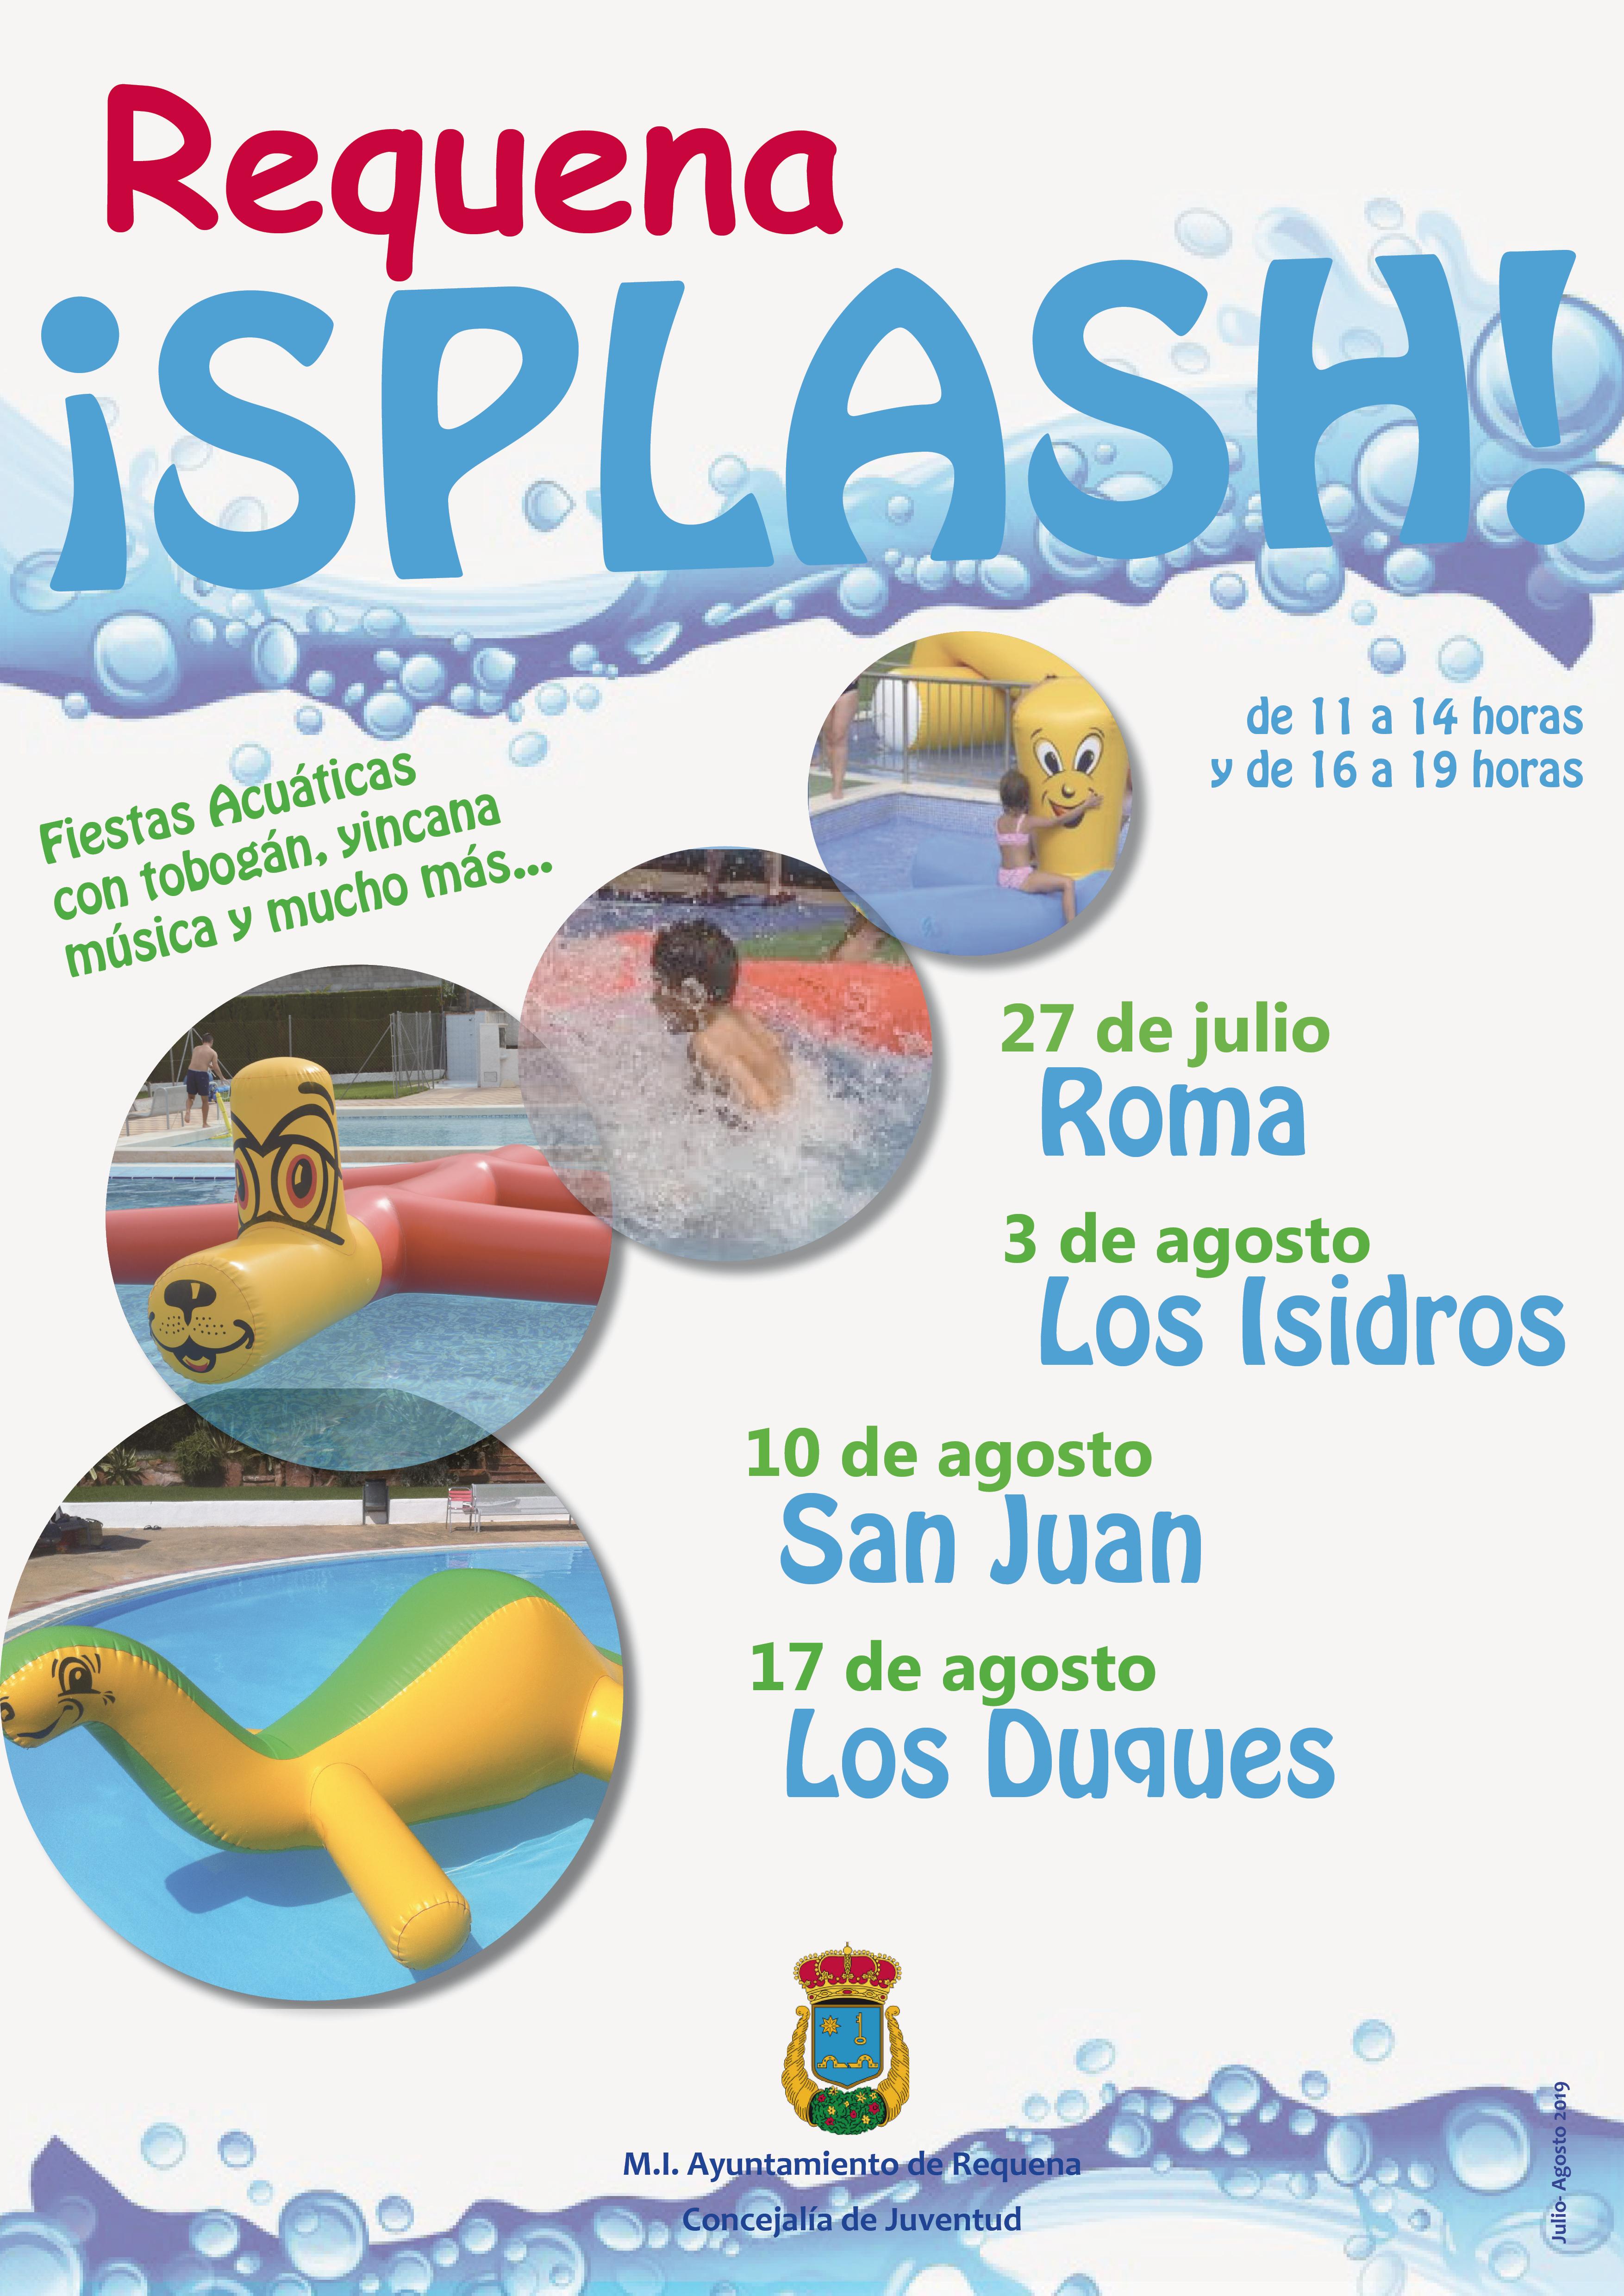 Esta refrescante iniciativa llevará fiestas acuáticas a las piscinas de distintas aldeas de Requena